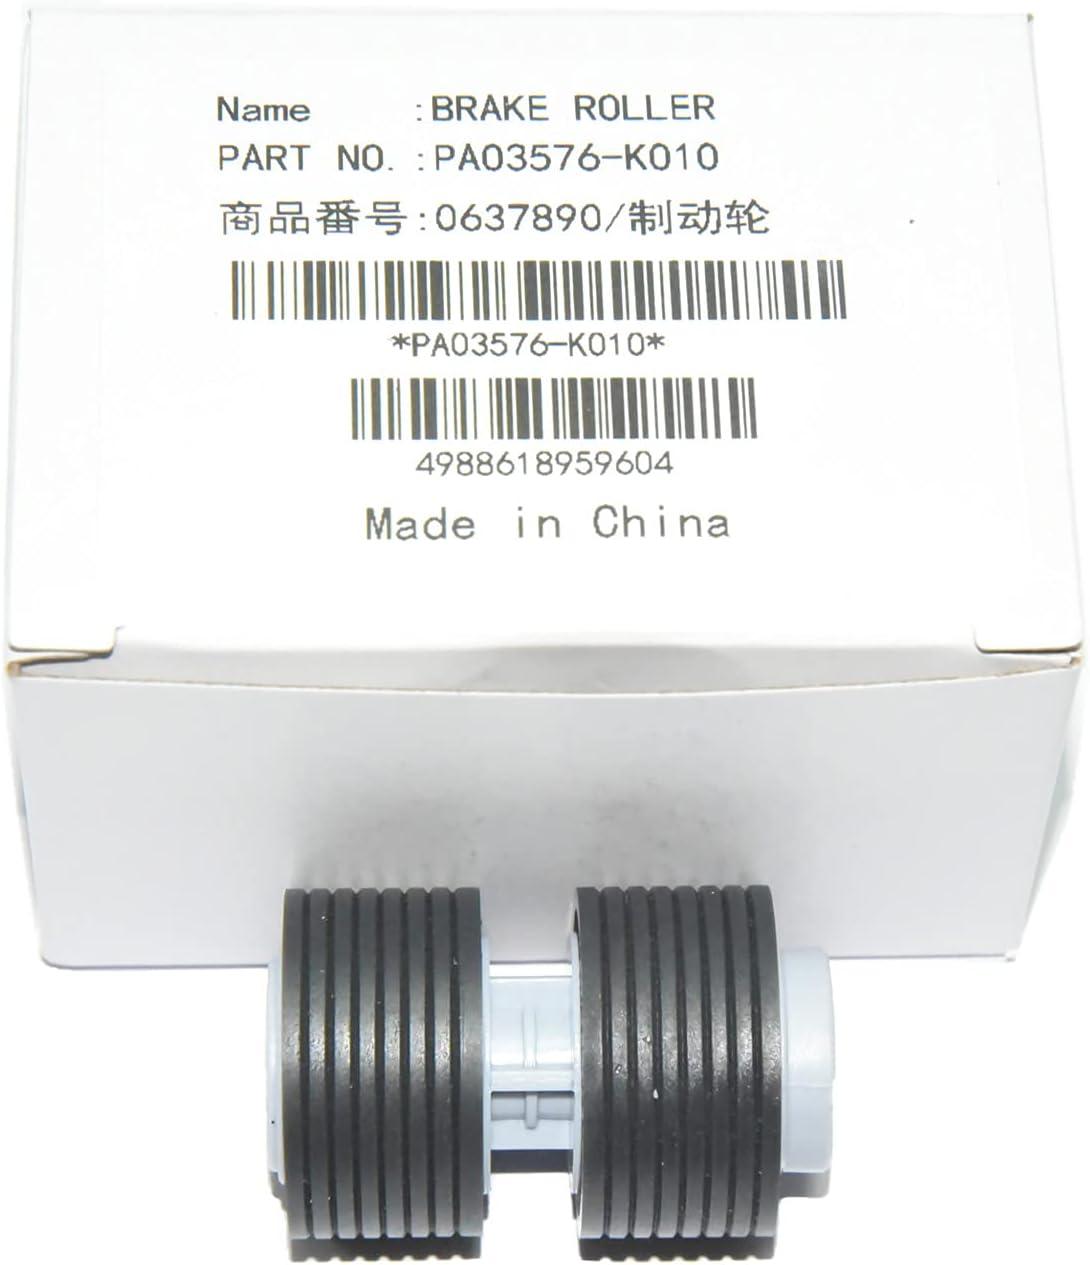 1set PA03338-K011 PA03576-K010 Scanner Brake and Pick Roller Set Compatible with Fujitsui Fi-6770 fi-6670 fi-6770A fi-5750C fi-5650C fi-5750 fi-5650 fi-6750 fi-6750S (PA03576-K010)